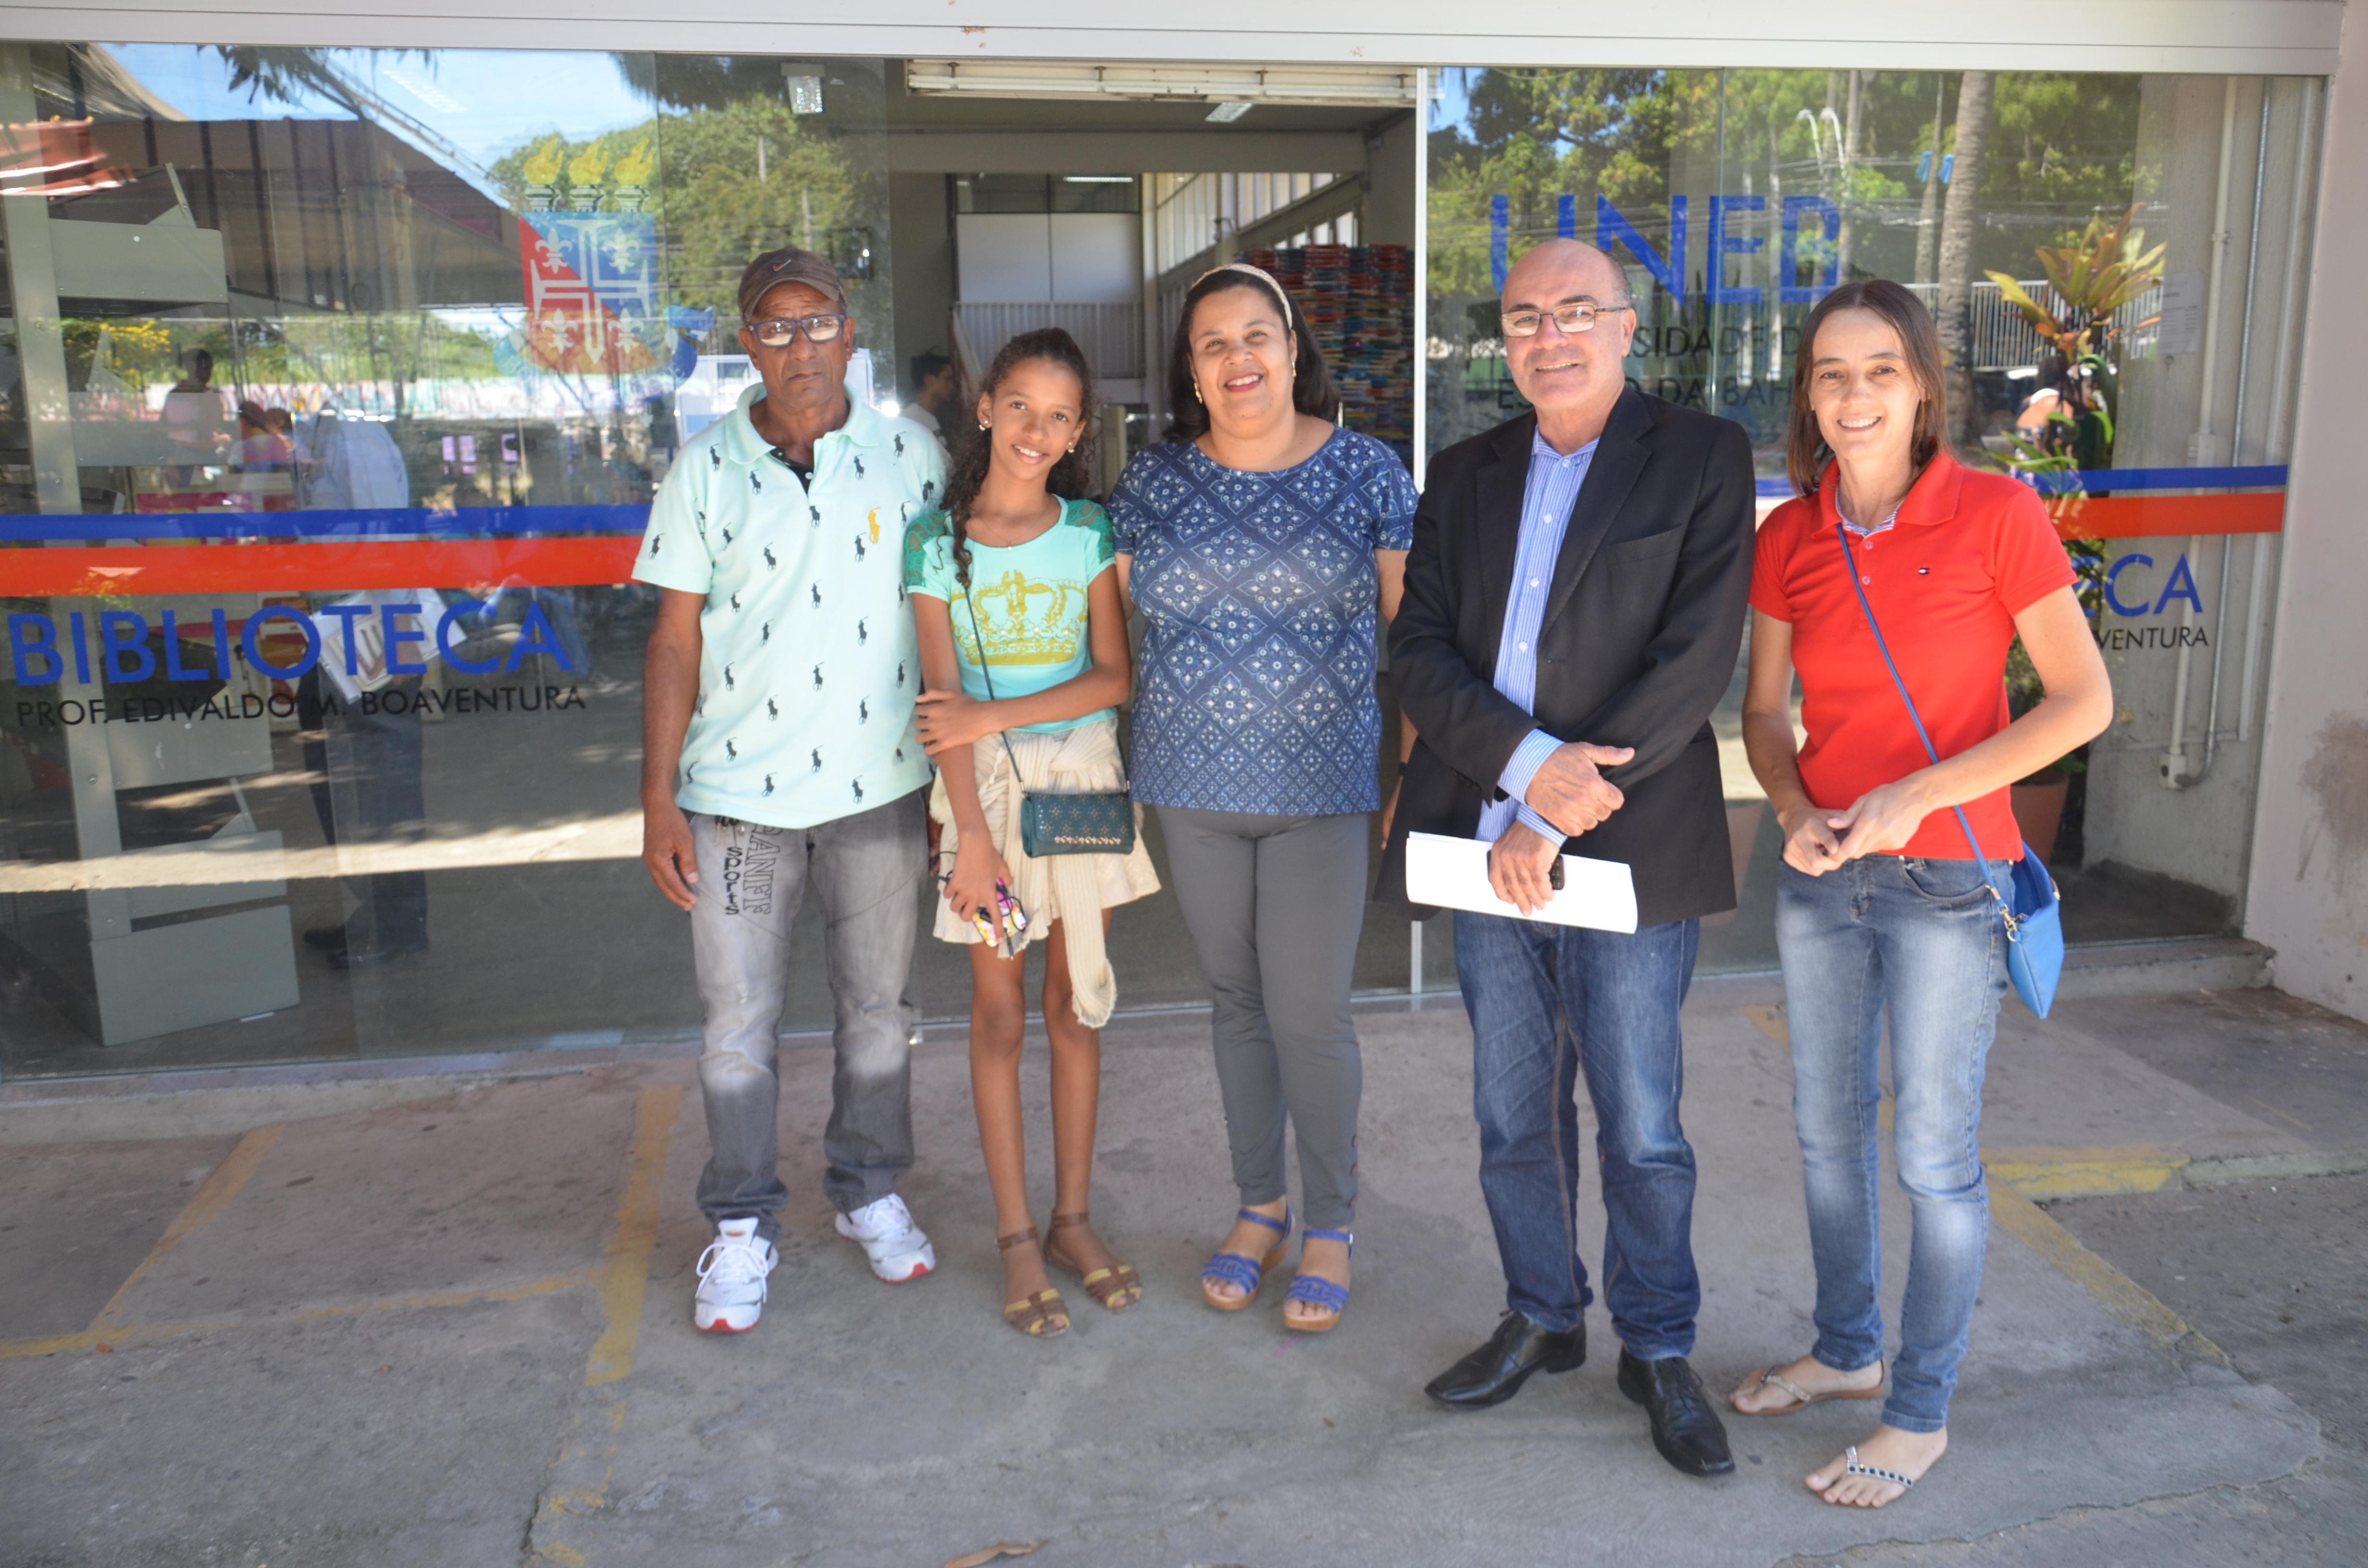 Guiofredo, Maria Clara, Luciana Menezes, Valdemi de Assis e Vilmara de Assis, em frente a biblioteca da UNEB.